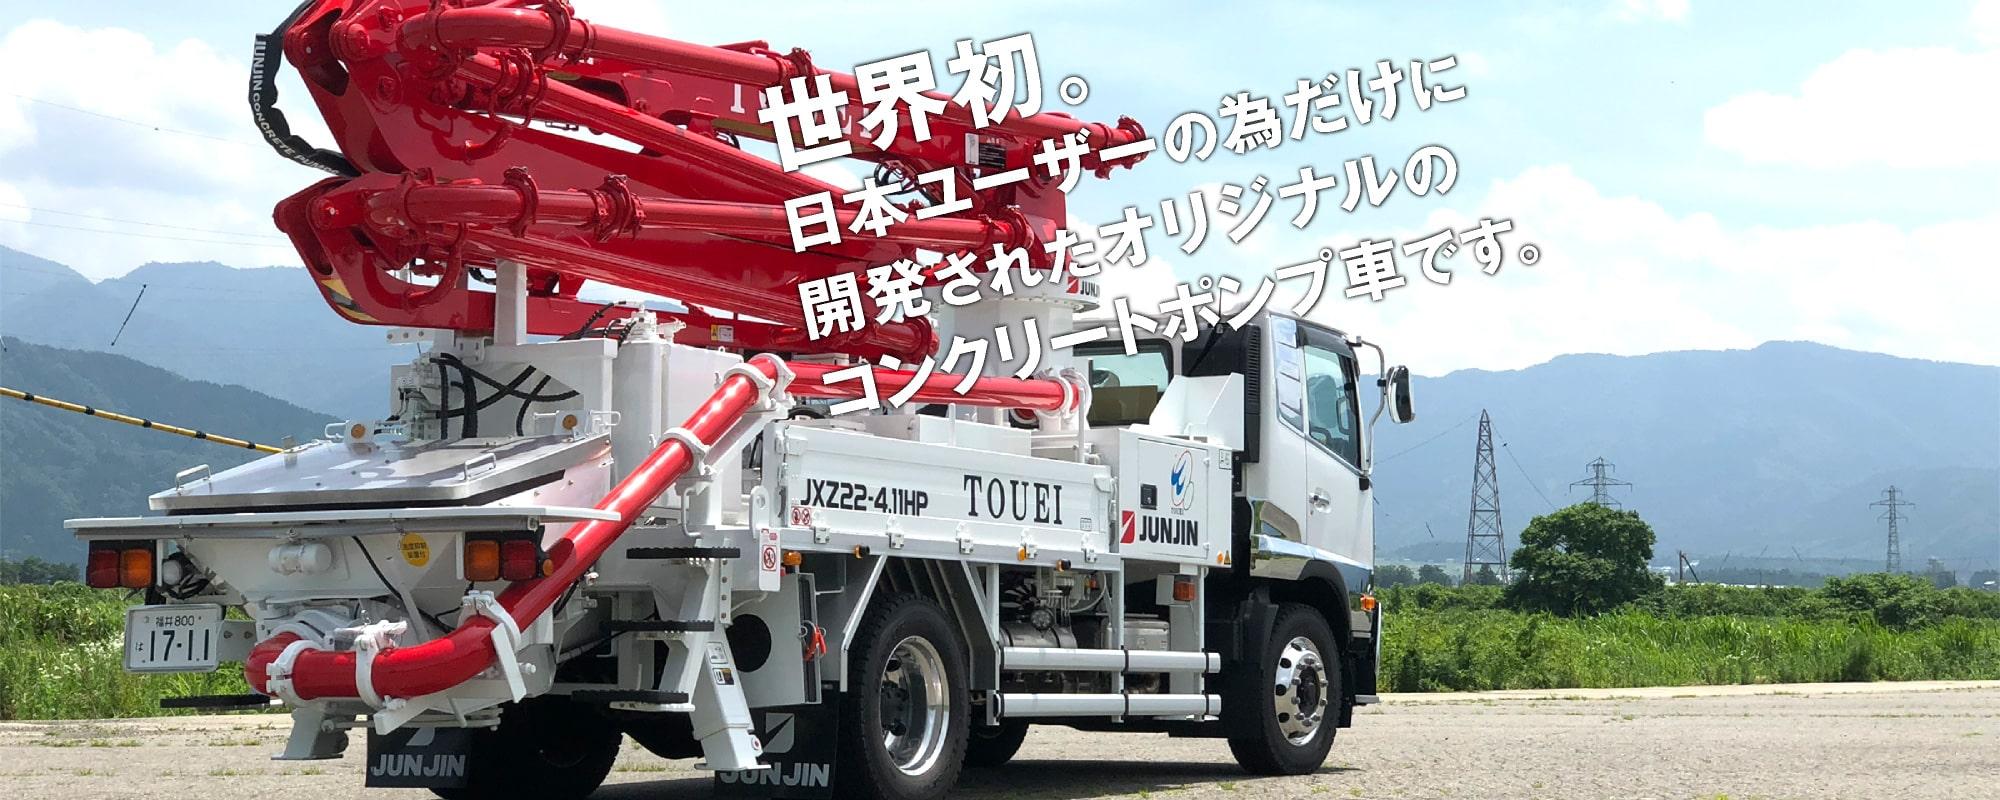 世界初。日本ユーザーの為だけに開発されたオリジナルのコンクリートポンプ車です。